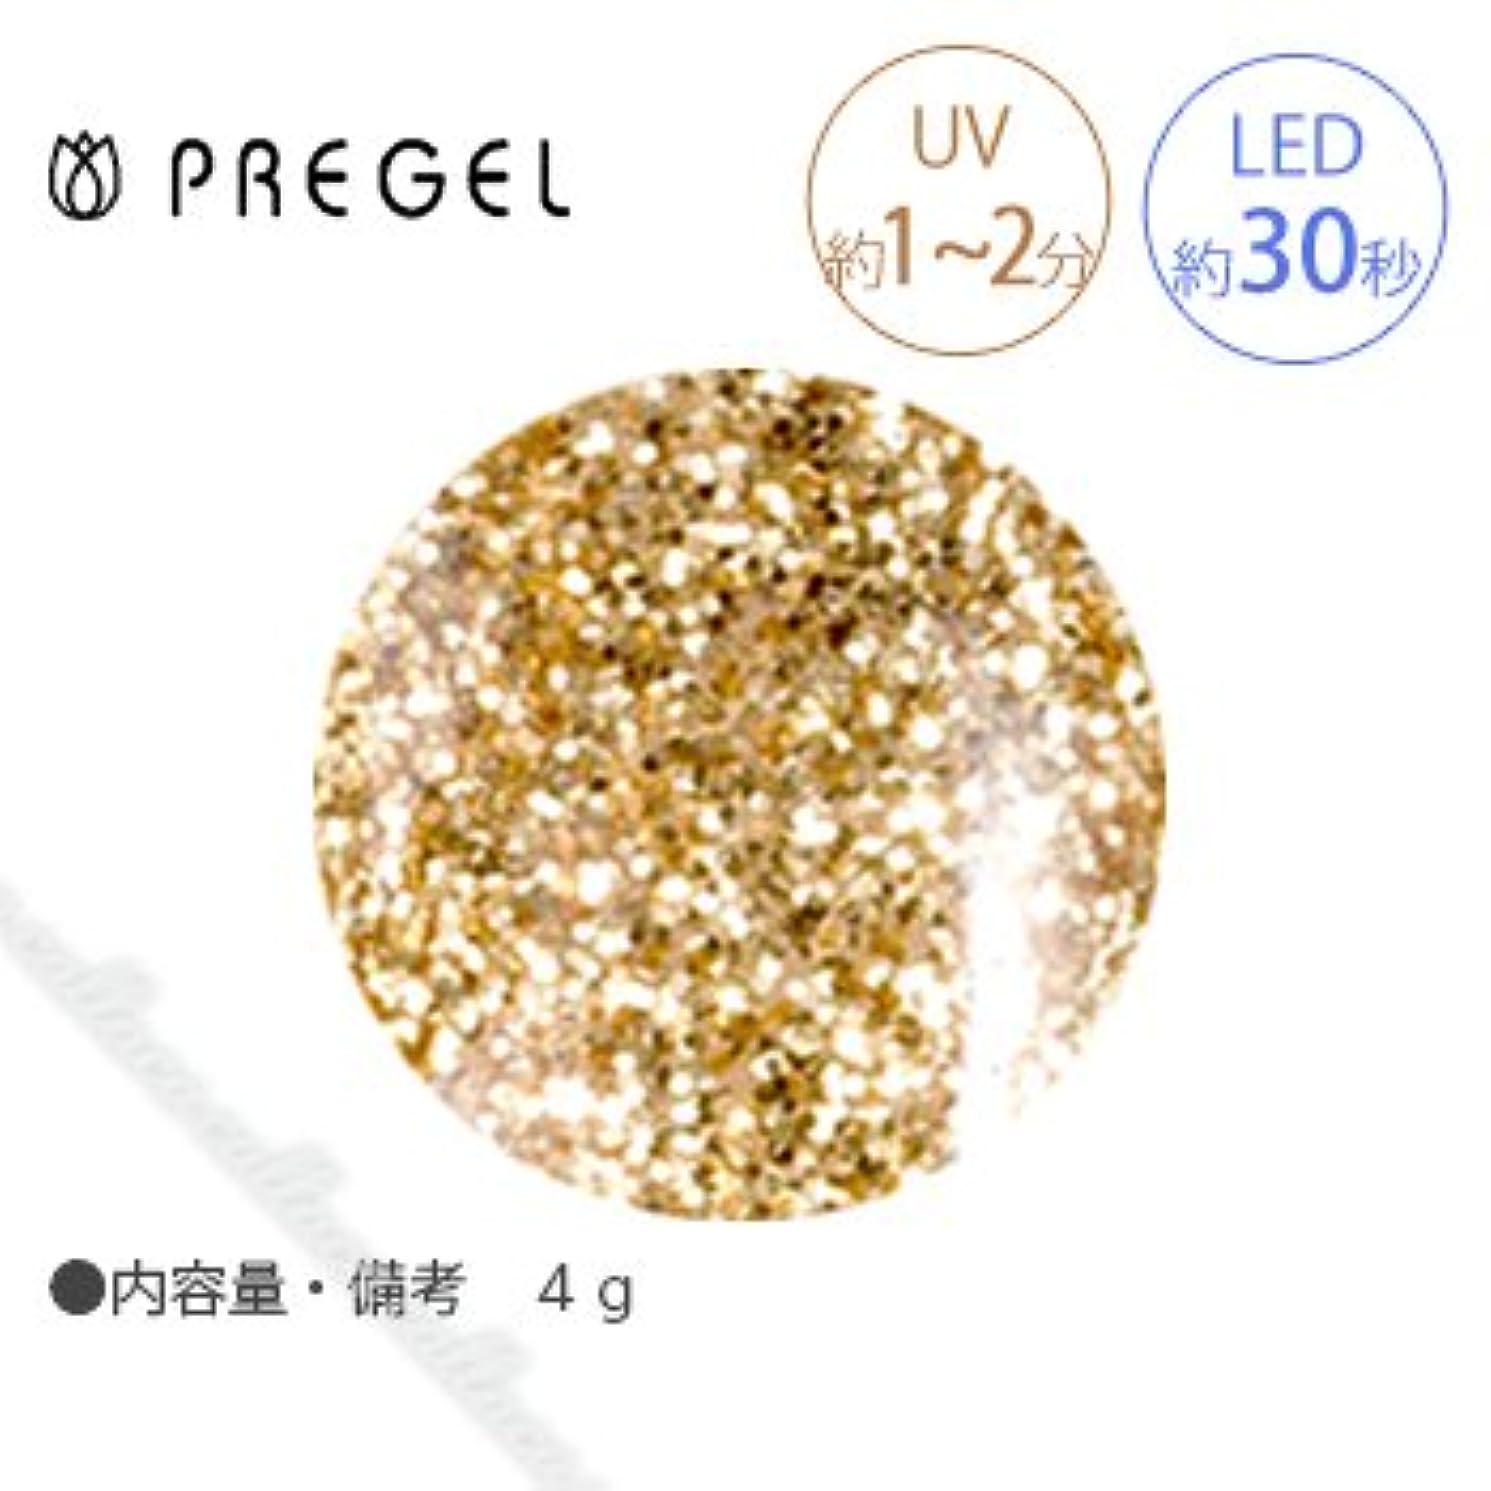 夜明けにモートタンパク質【PREGEL】 プリジェル カラーEX ダイヤモンドシリーズ ダイヤモンドブロンズ PG-CE402 4g